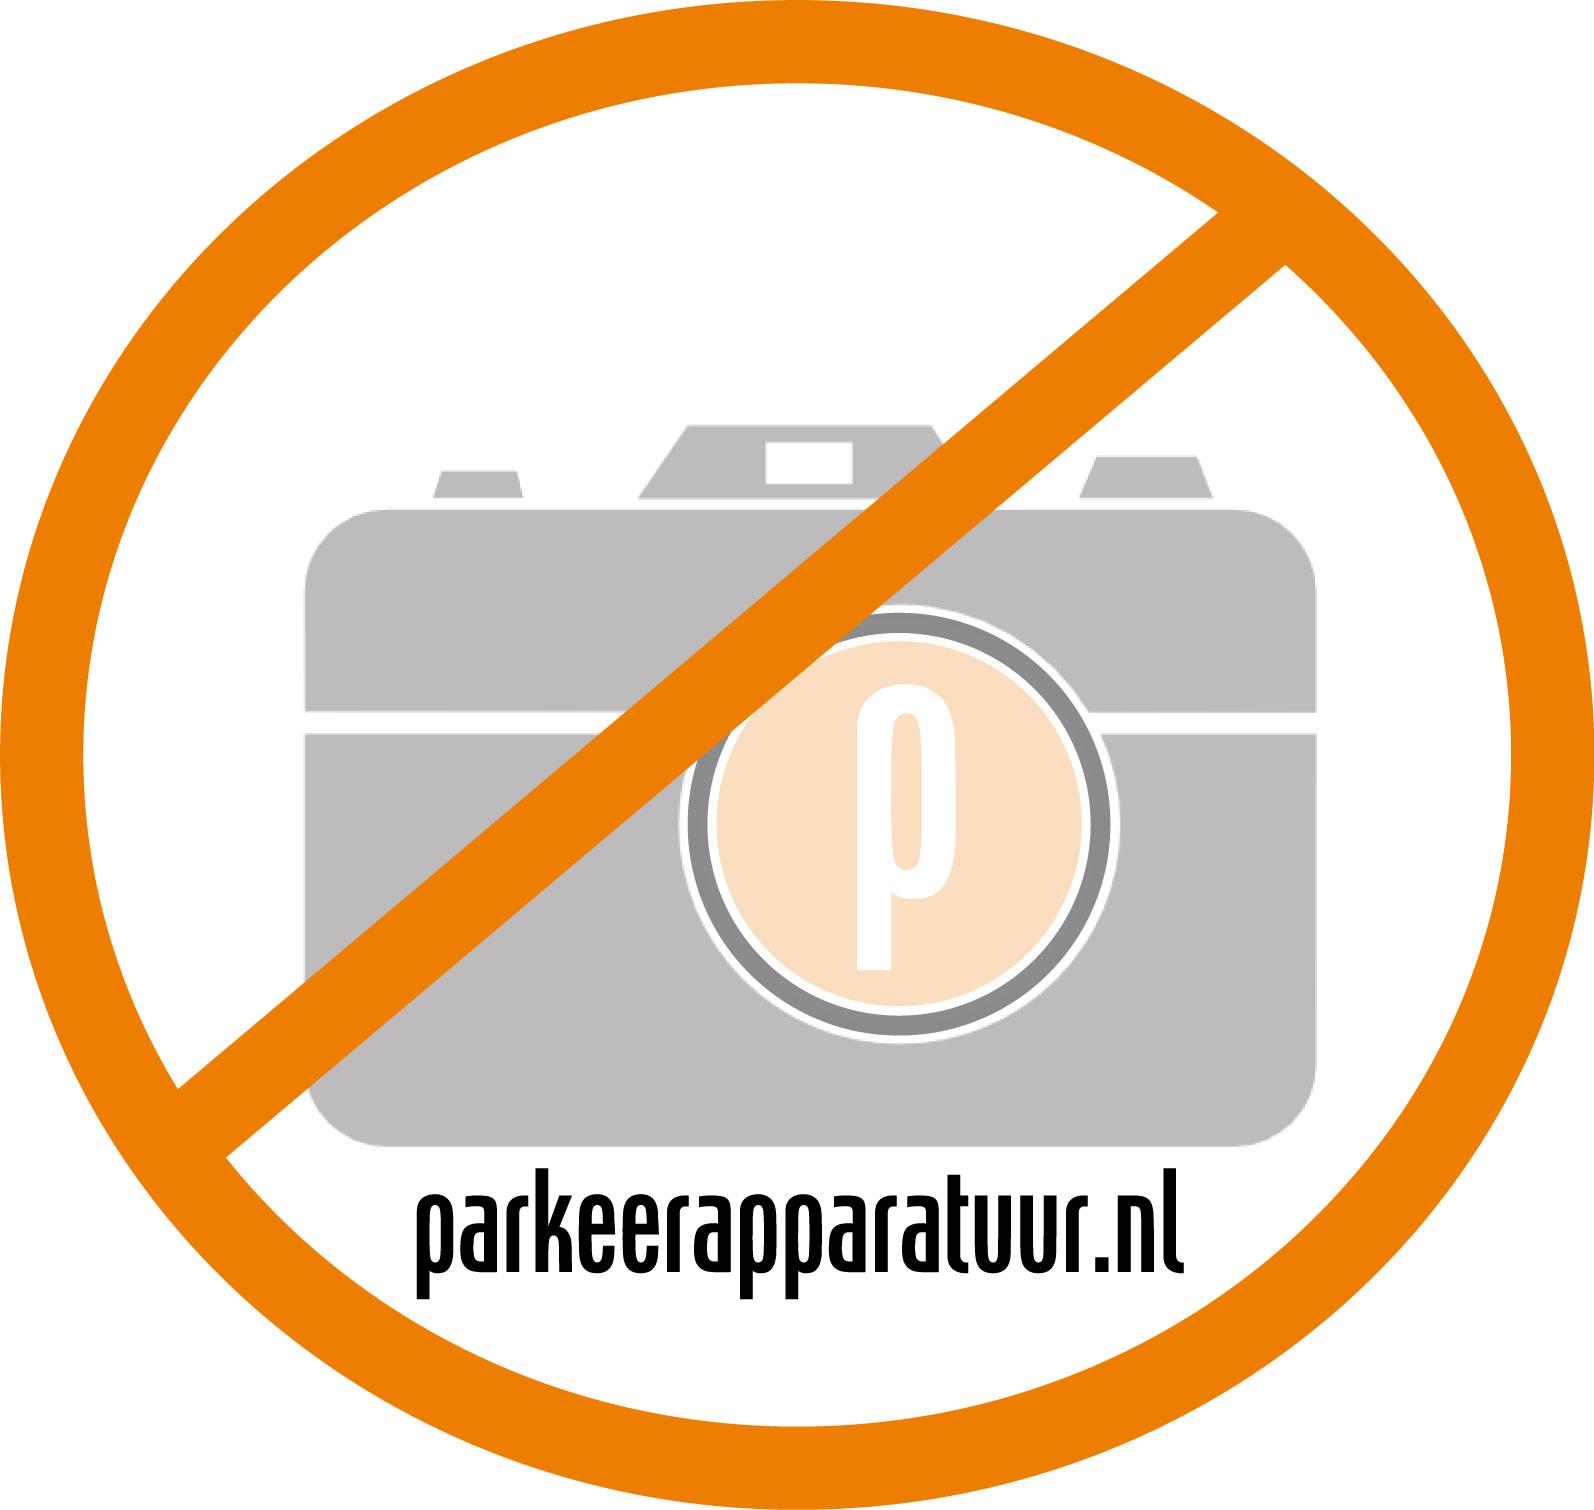 PAP_003